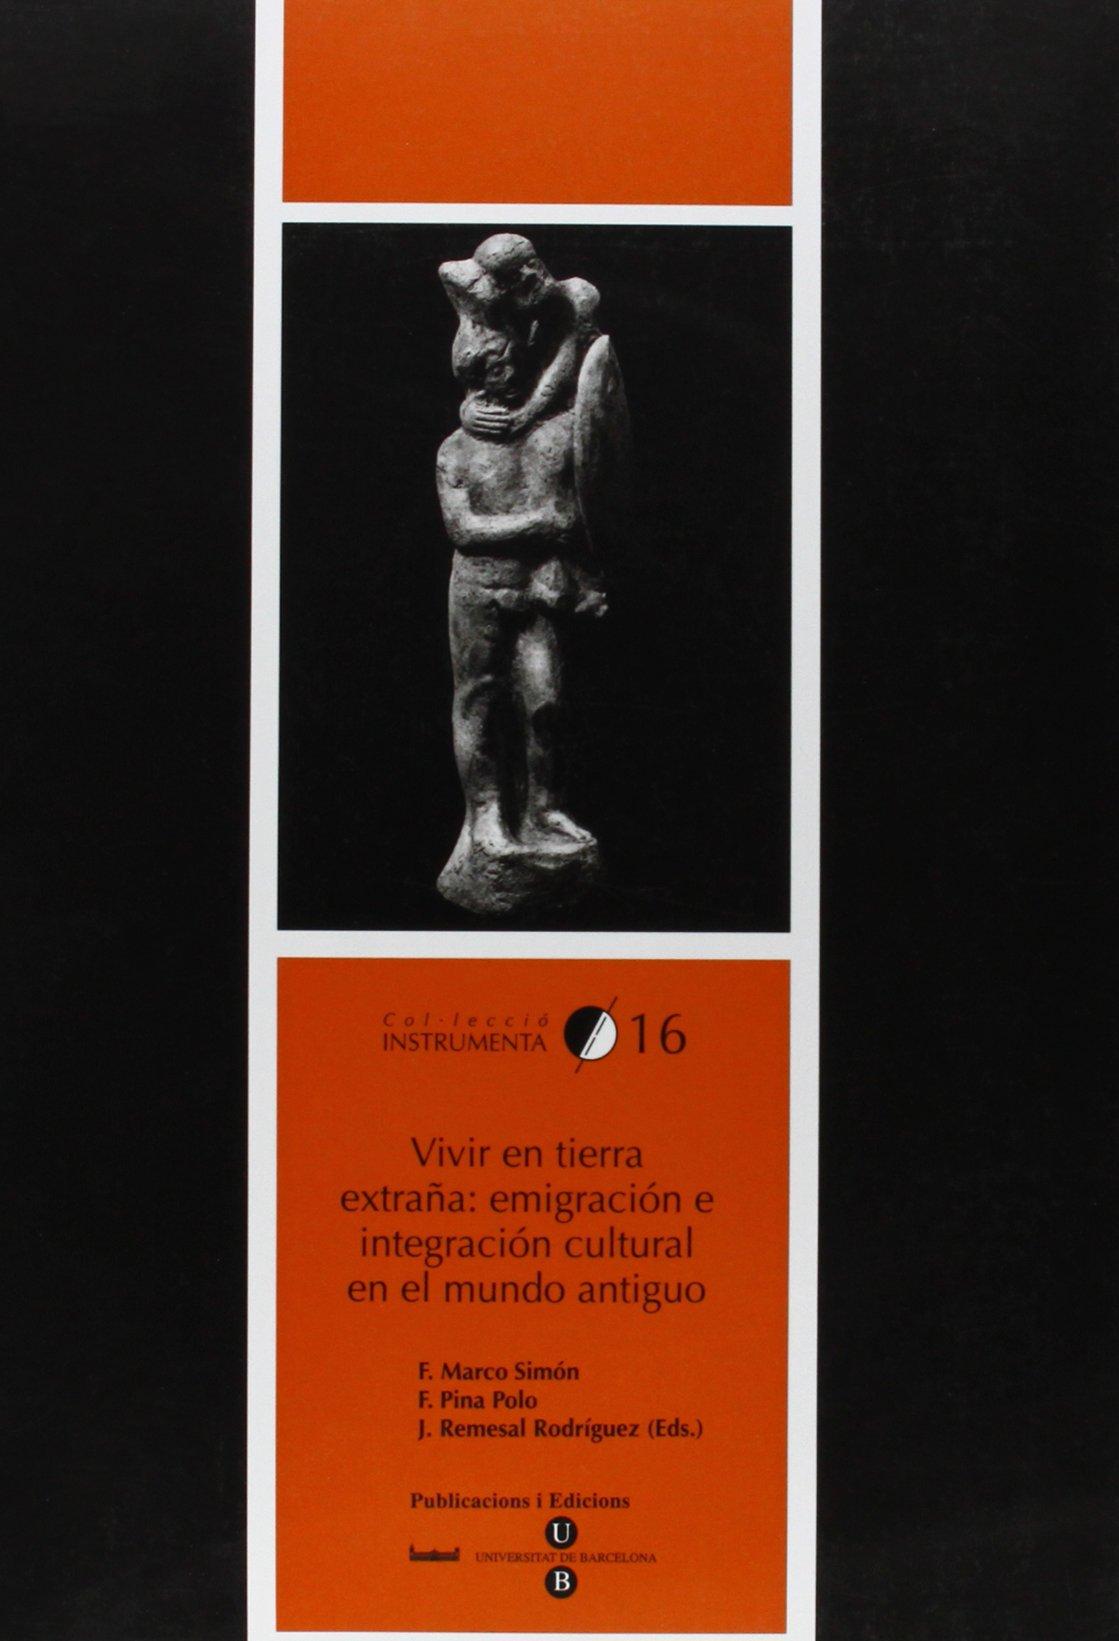 Vivir en tierra extraña: emigración e integración cultural en el mundo antiguo: Francisco Marco Simón, José Remesal Rodríguez: 9788447528028: Amazon.com: ...